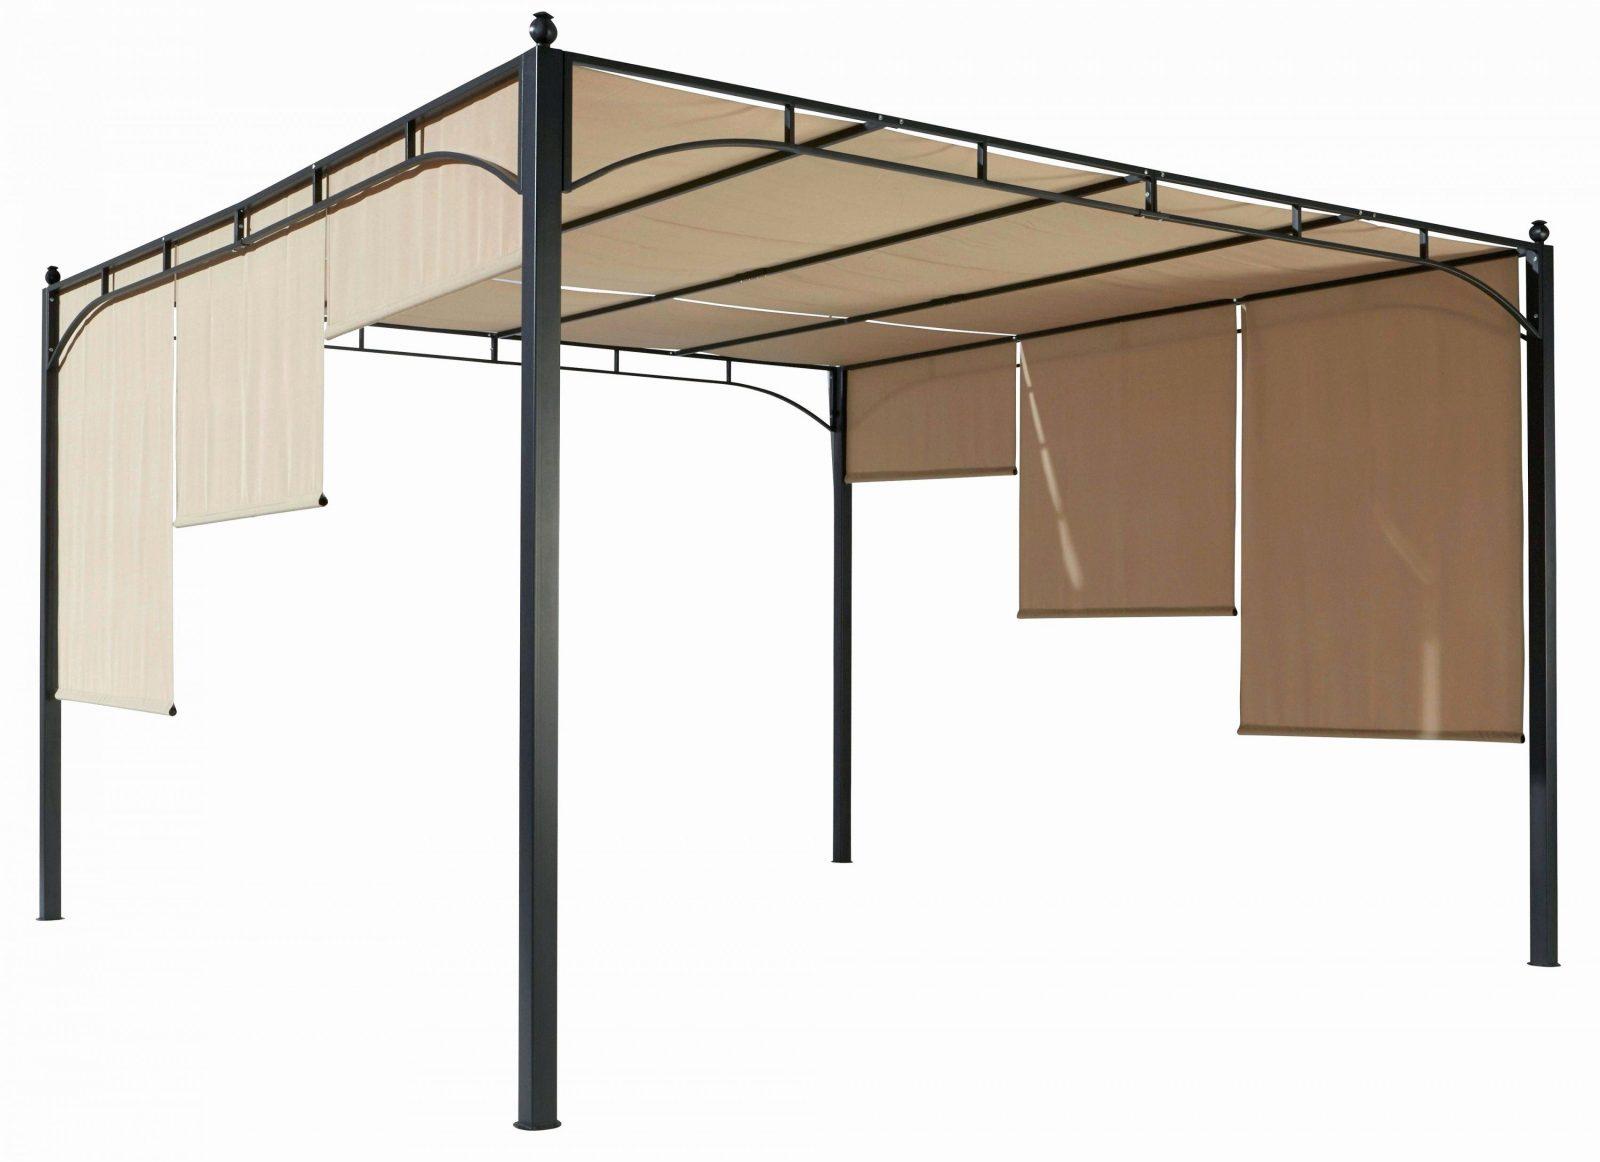 Pavillon Dach 3X3 Wasserdicht Luxus Stteumrte  New Port Franklin von Pavillon Dach 3X3 Wasserdicht Photo